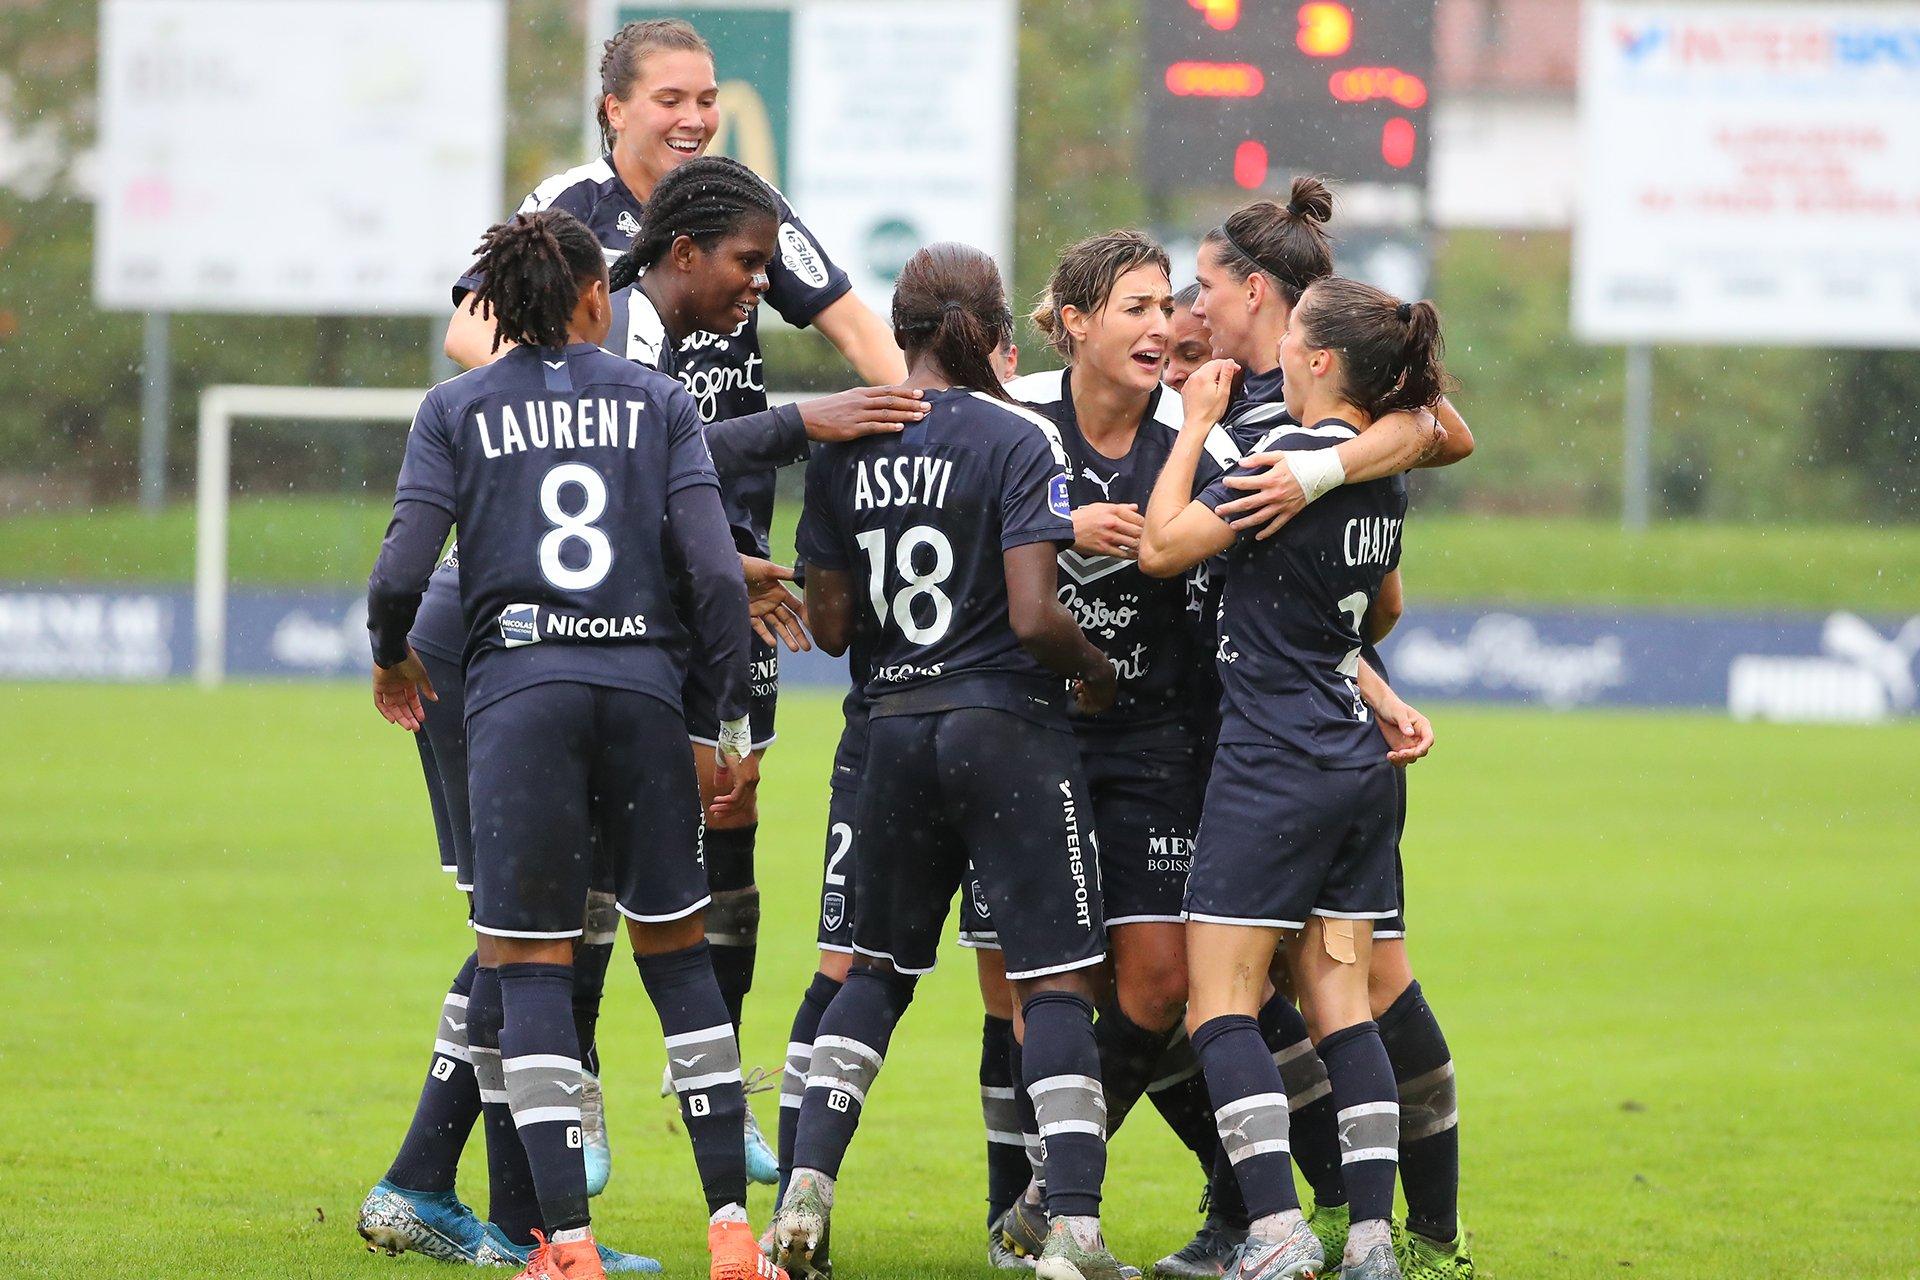 Les Bordelaises remportent le derby (photo FCGB)